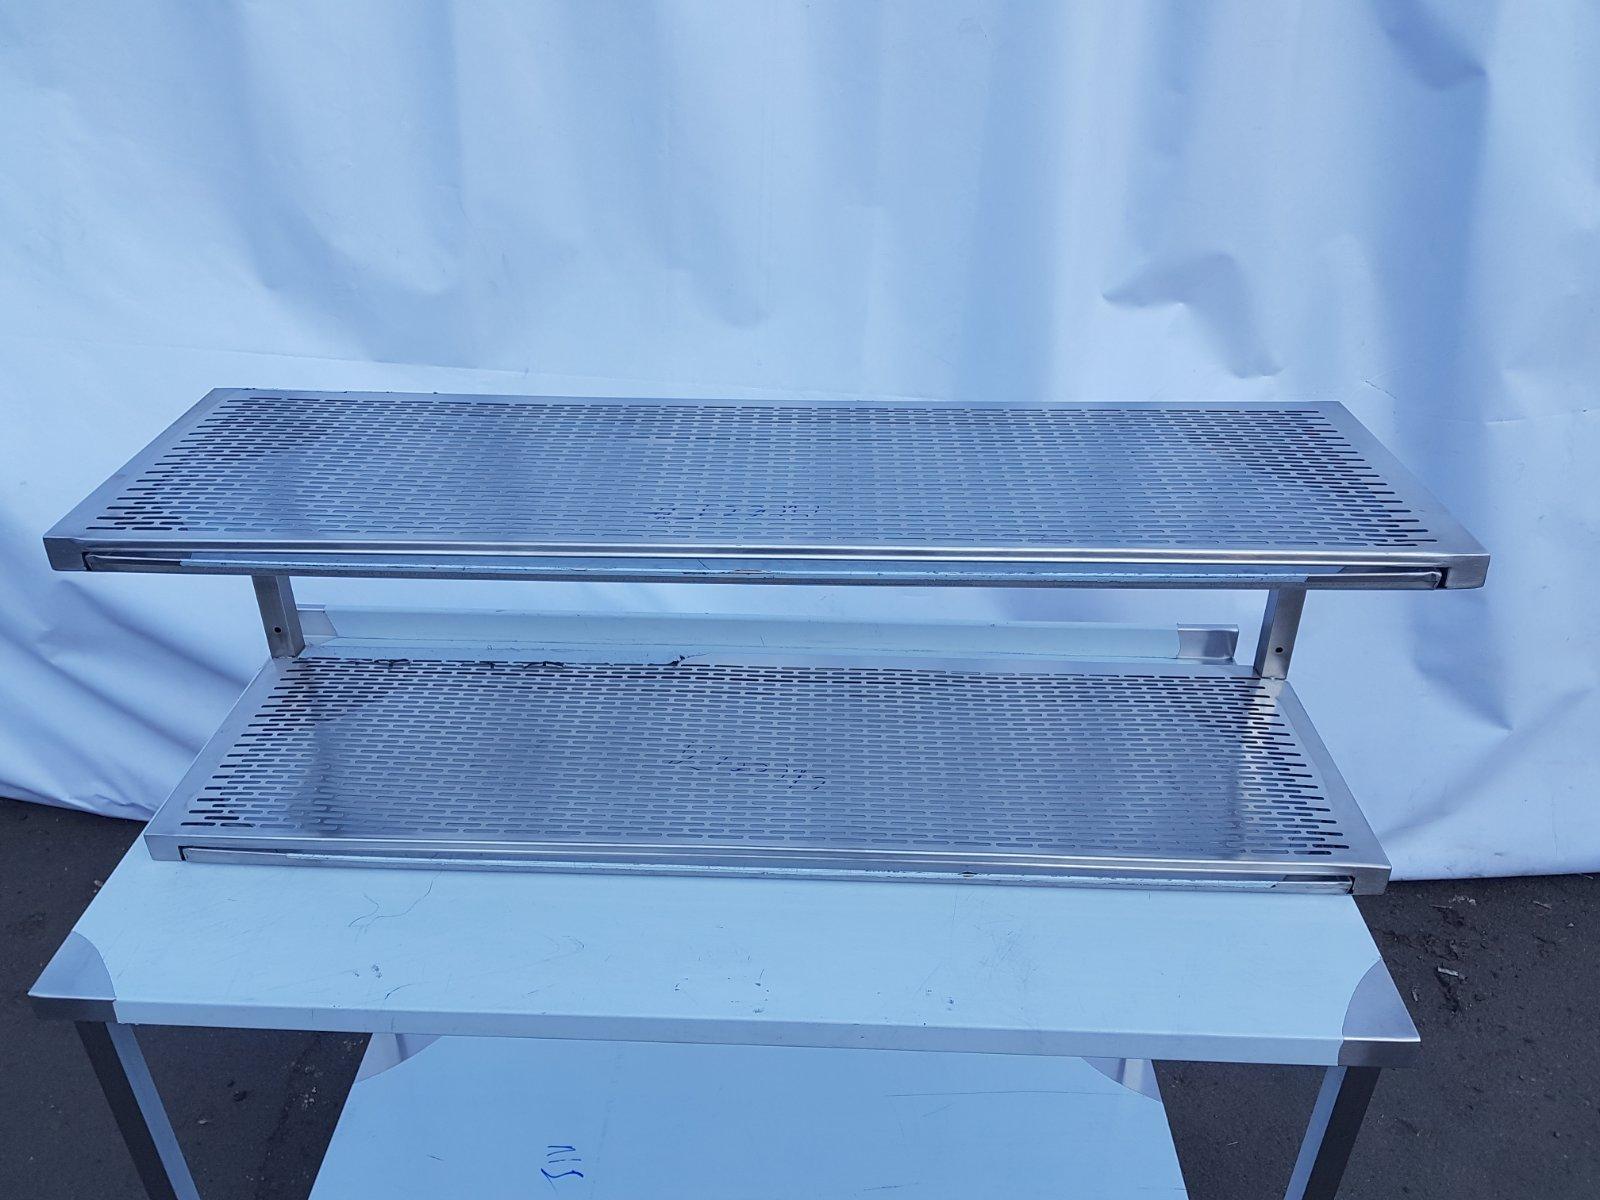 Полка для сушки посуды нержавейка открытая (1100 x 300 x 350) - фотография №3